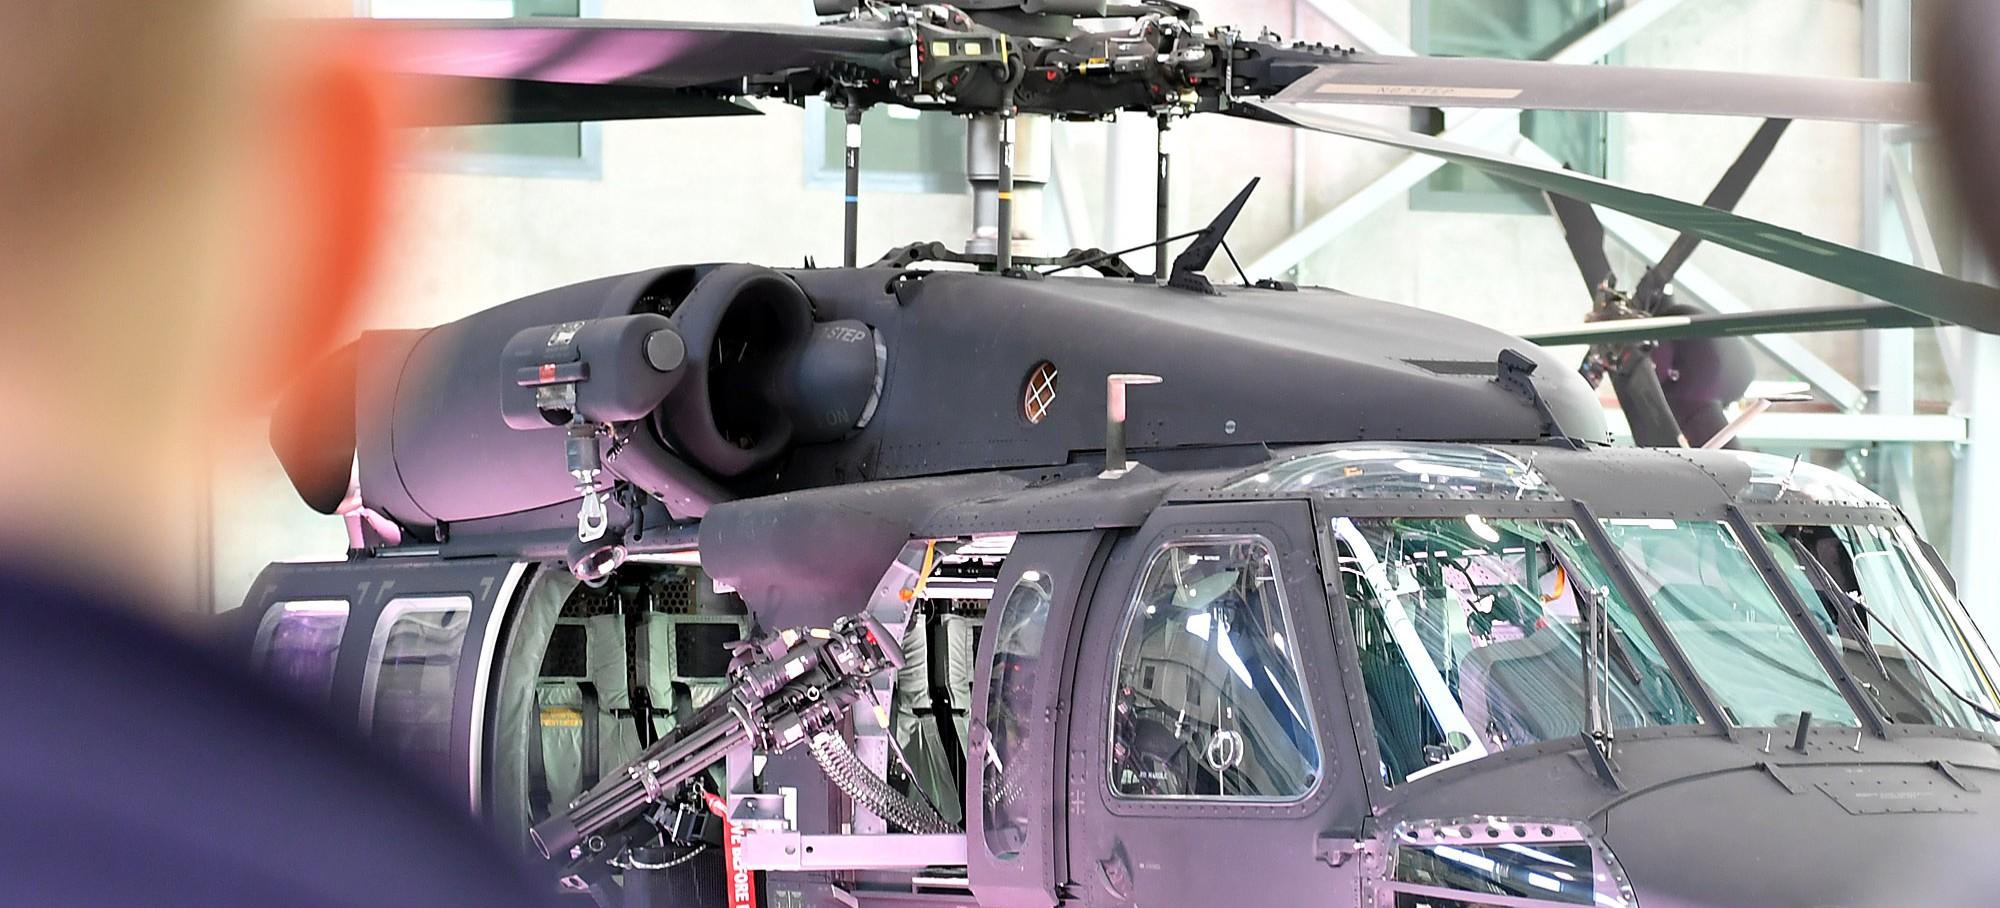 Black Hawki z Podkarpacia dla wojsk specjalnych! (WIDEO)